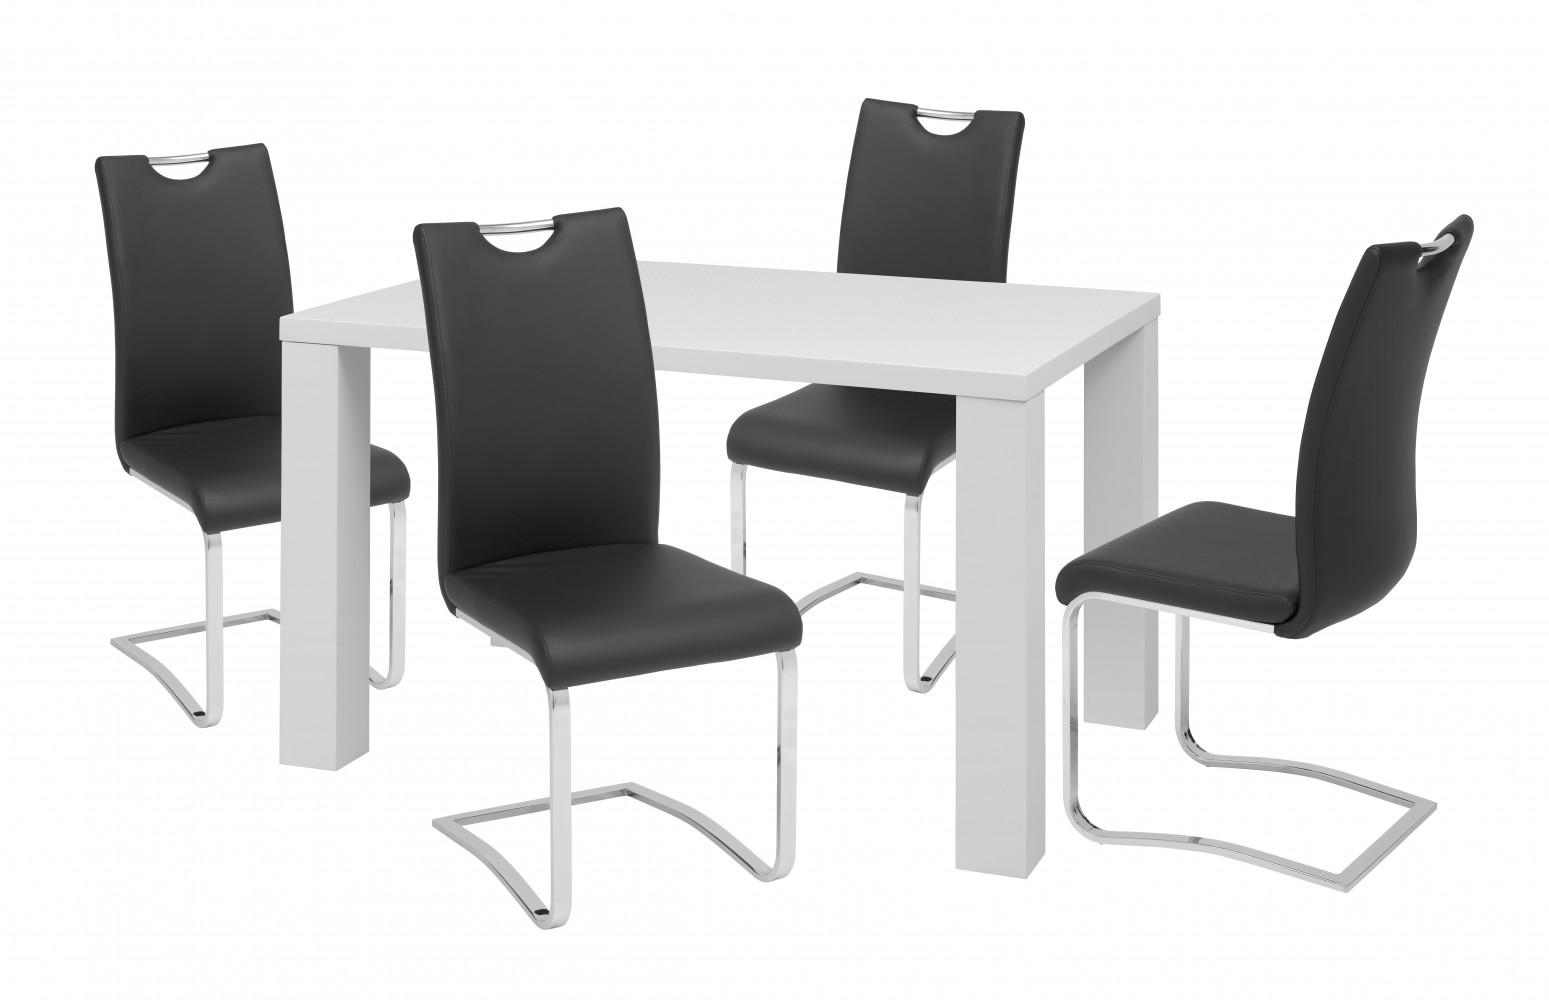 tischset glossy mit 4 st hlen st hle tische wohnzimmer esszimmer modern neu 4045101103362 ebay. Black Bedroom Furniture Sets. Home Design Ideas